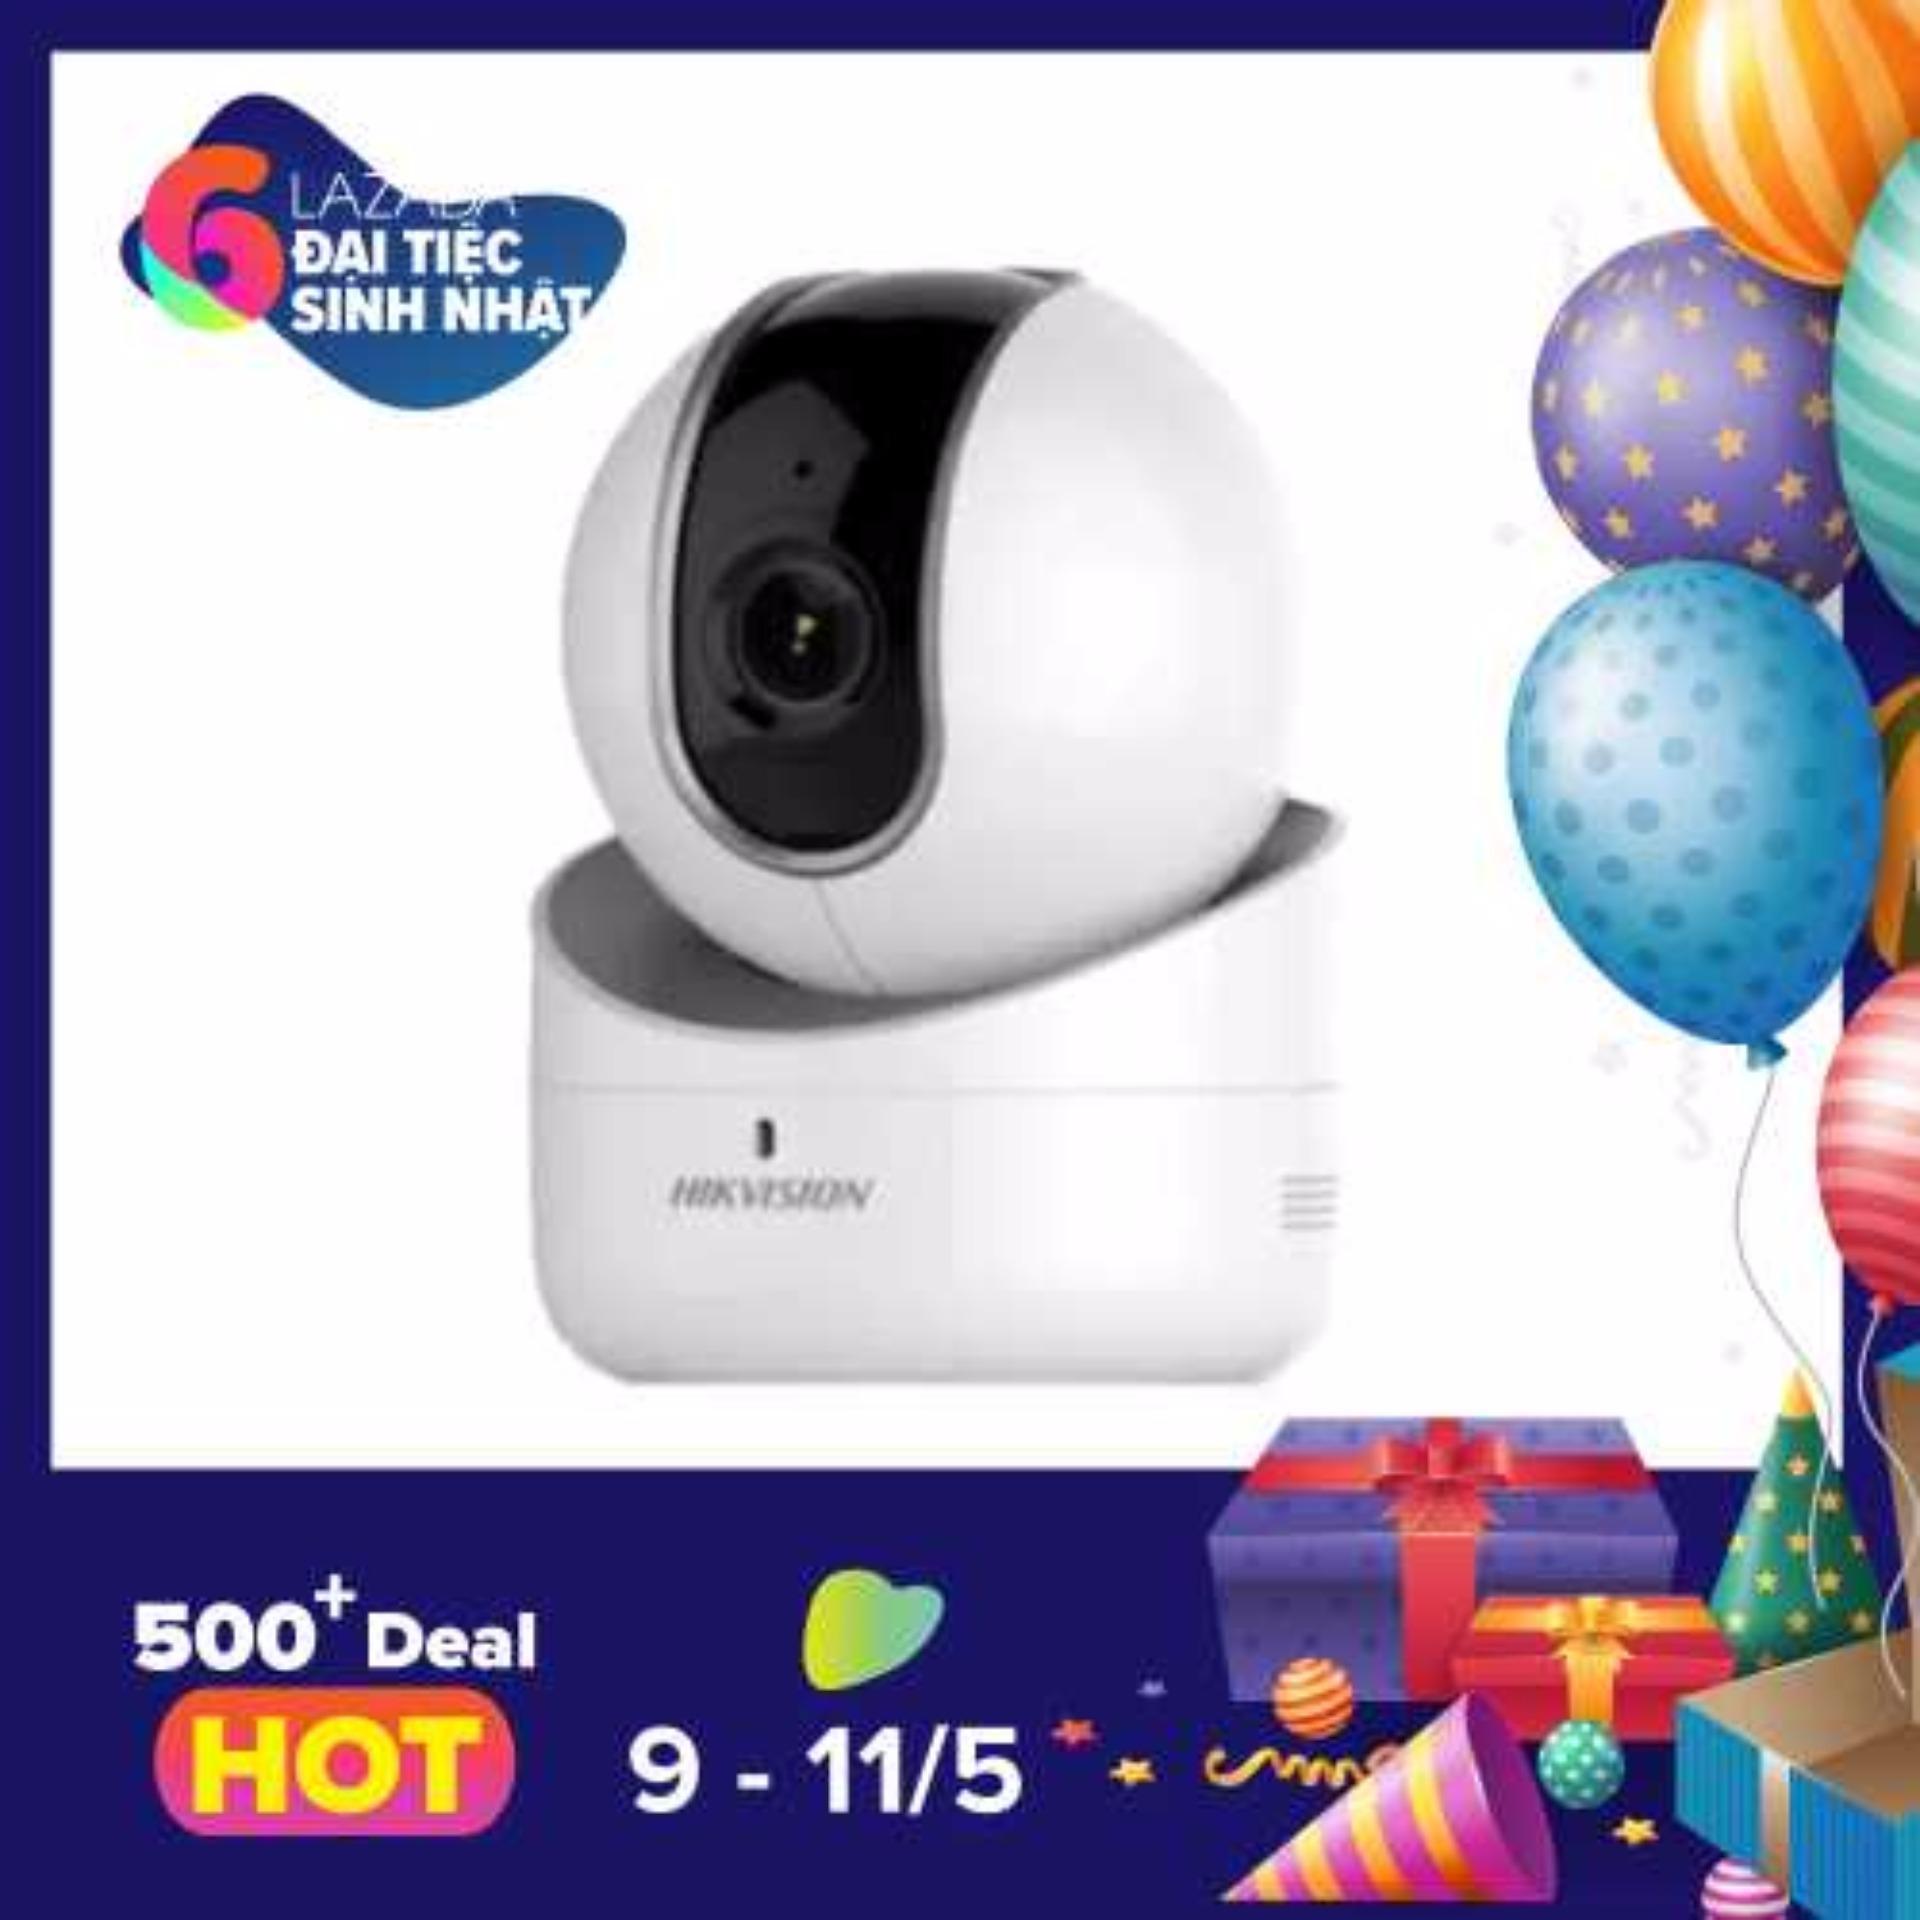 Bán Mua Camera Ip Wifi Hikvision Ds 2Cv2Q21Fd Iw 2Mp Xoay 4 Chiều Kem Nguồn 5Vdc Hồ Chí Minh